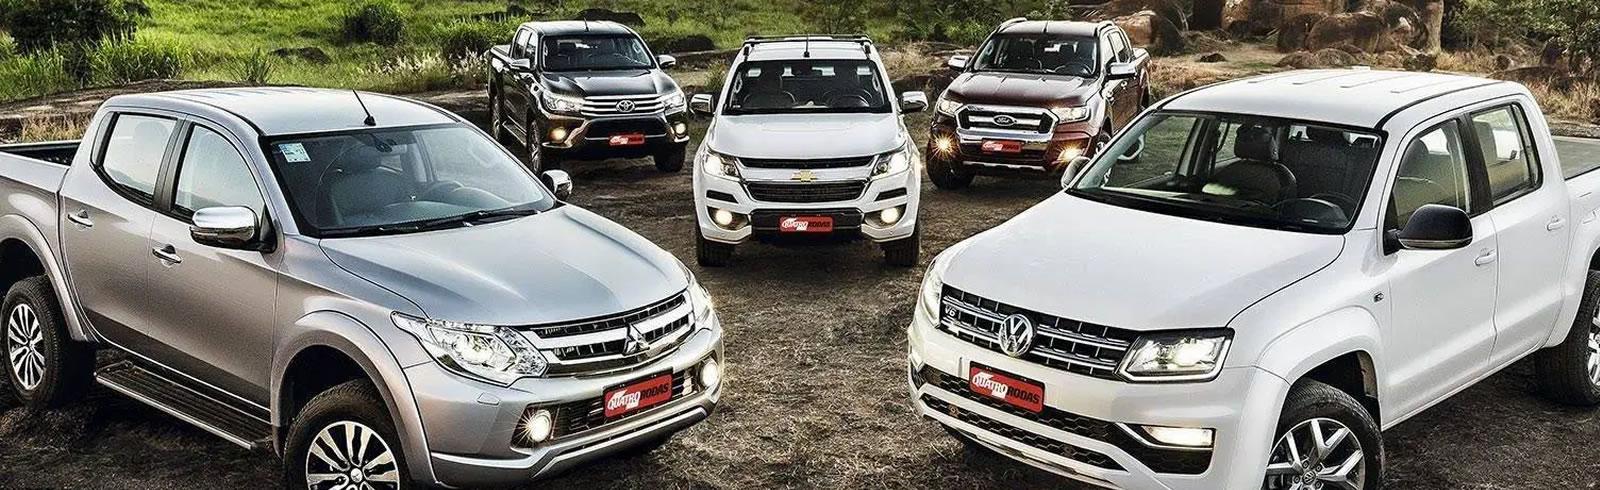 5 caminhonetes top de linha: L200, Amarok, S-10, Ranger e Triton